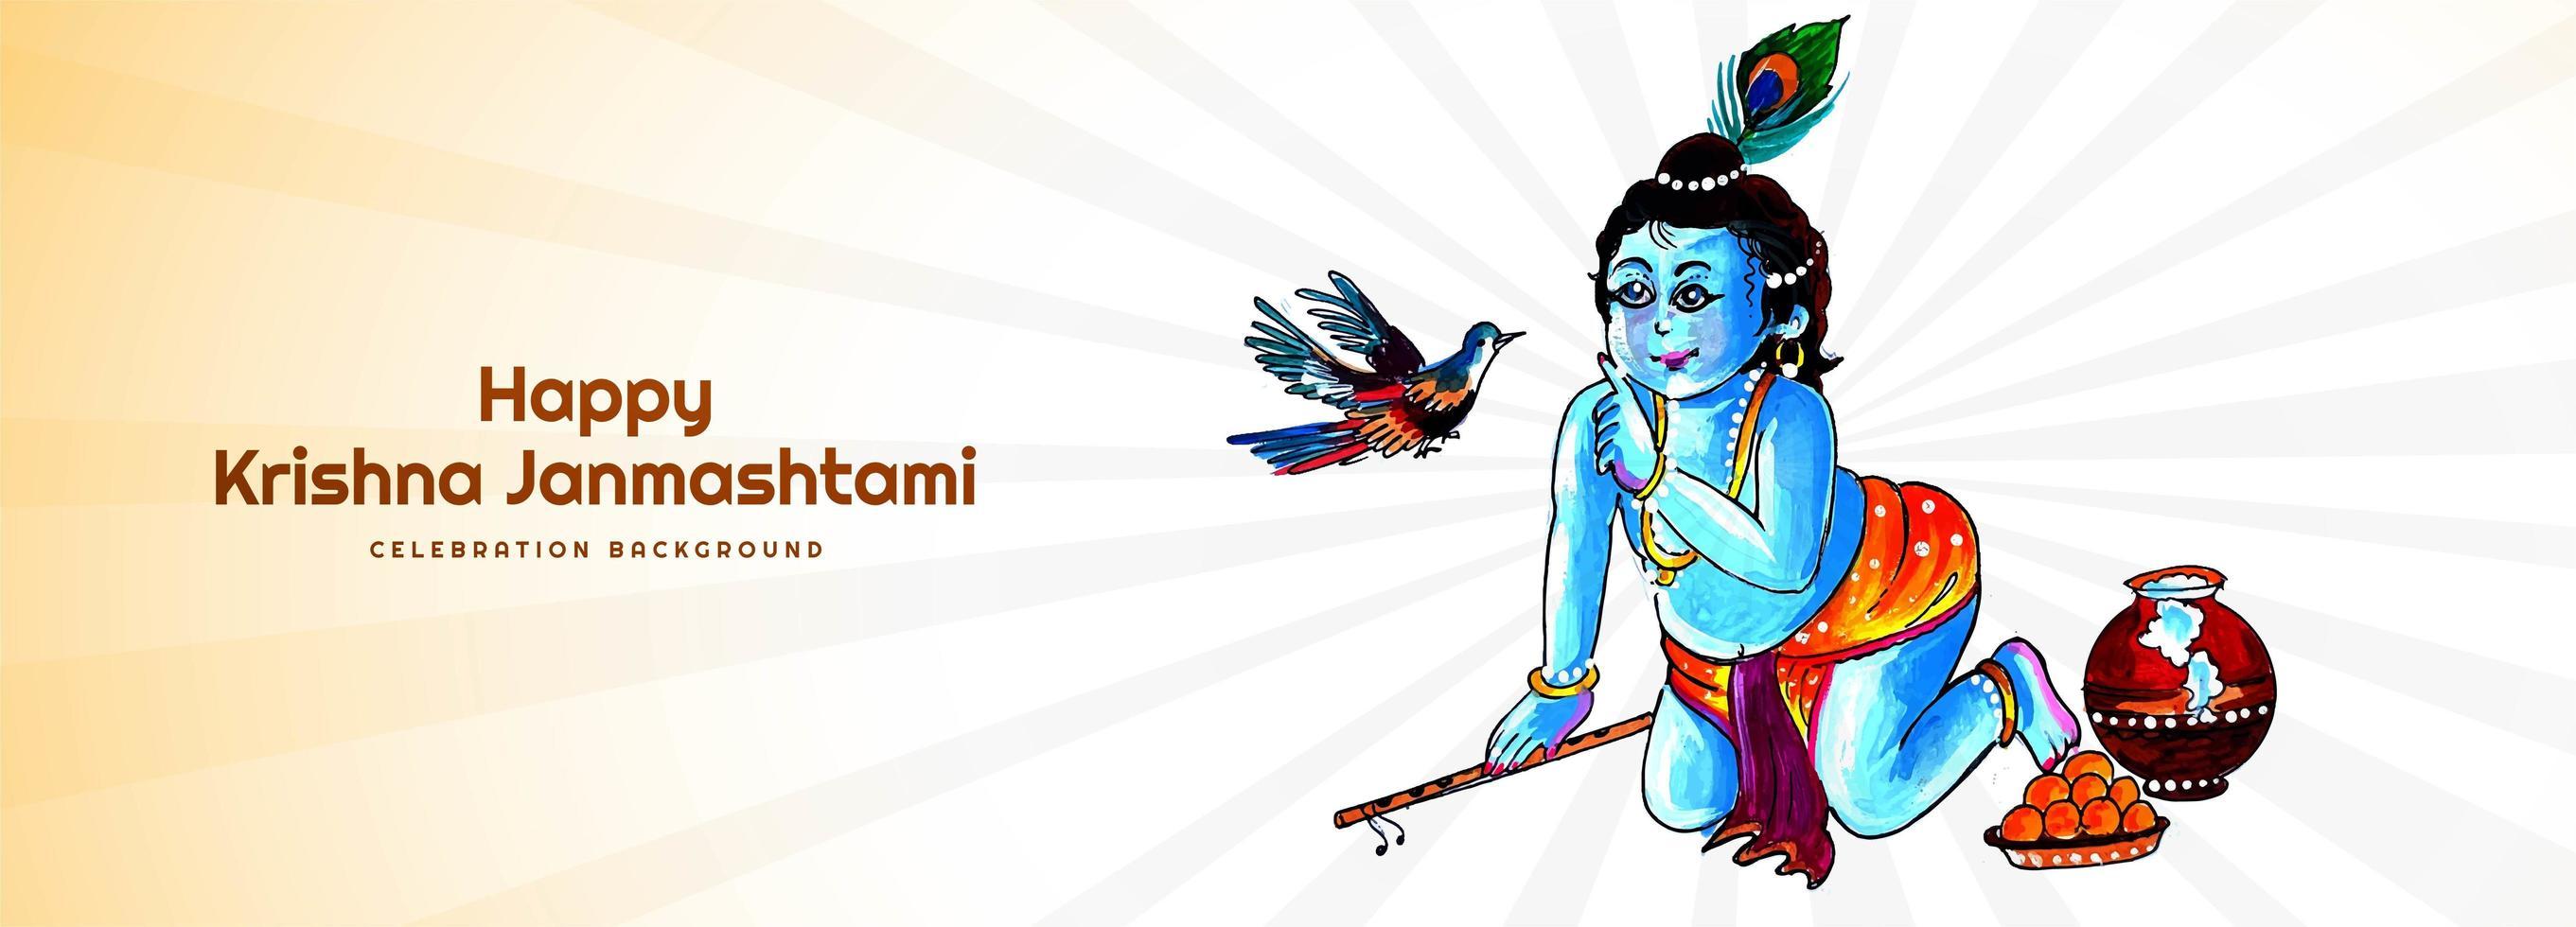 Lord Krishna och fågel janmashtami festival kort banner vektor